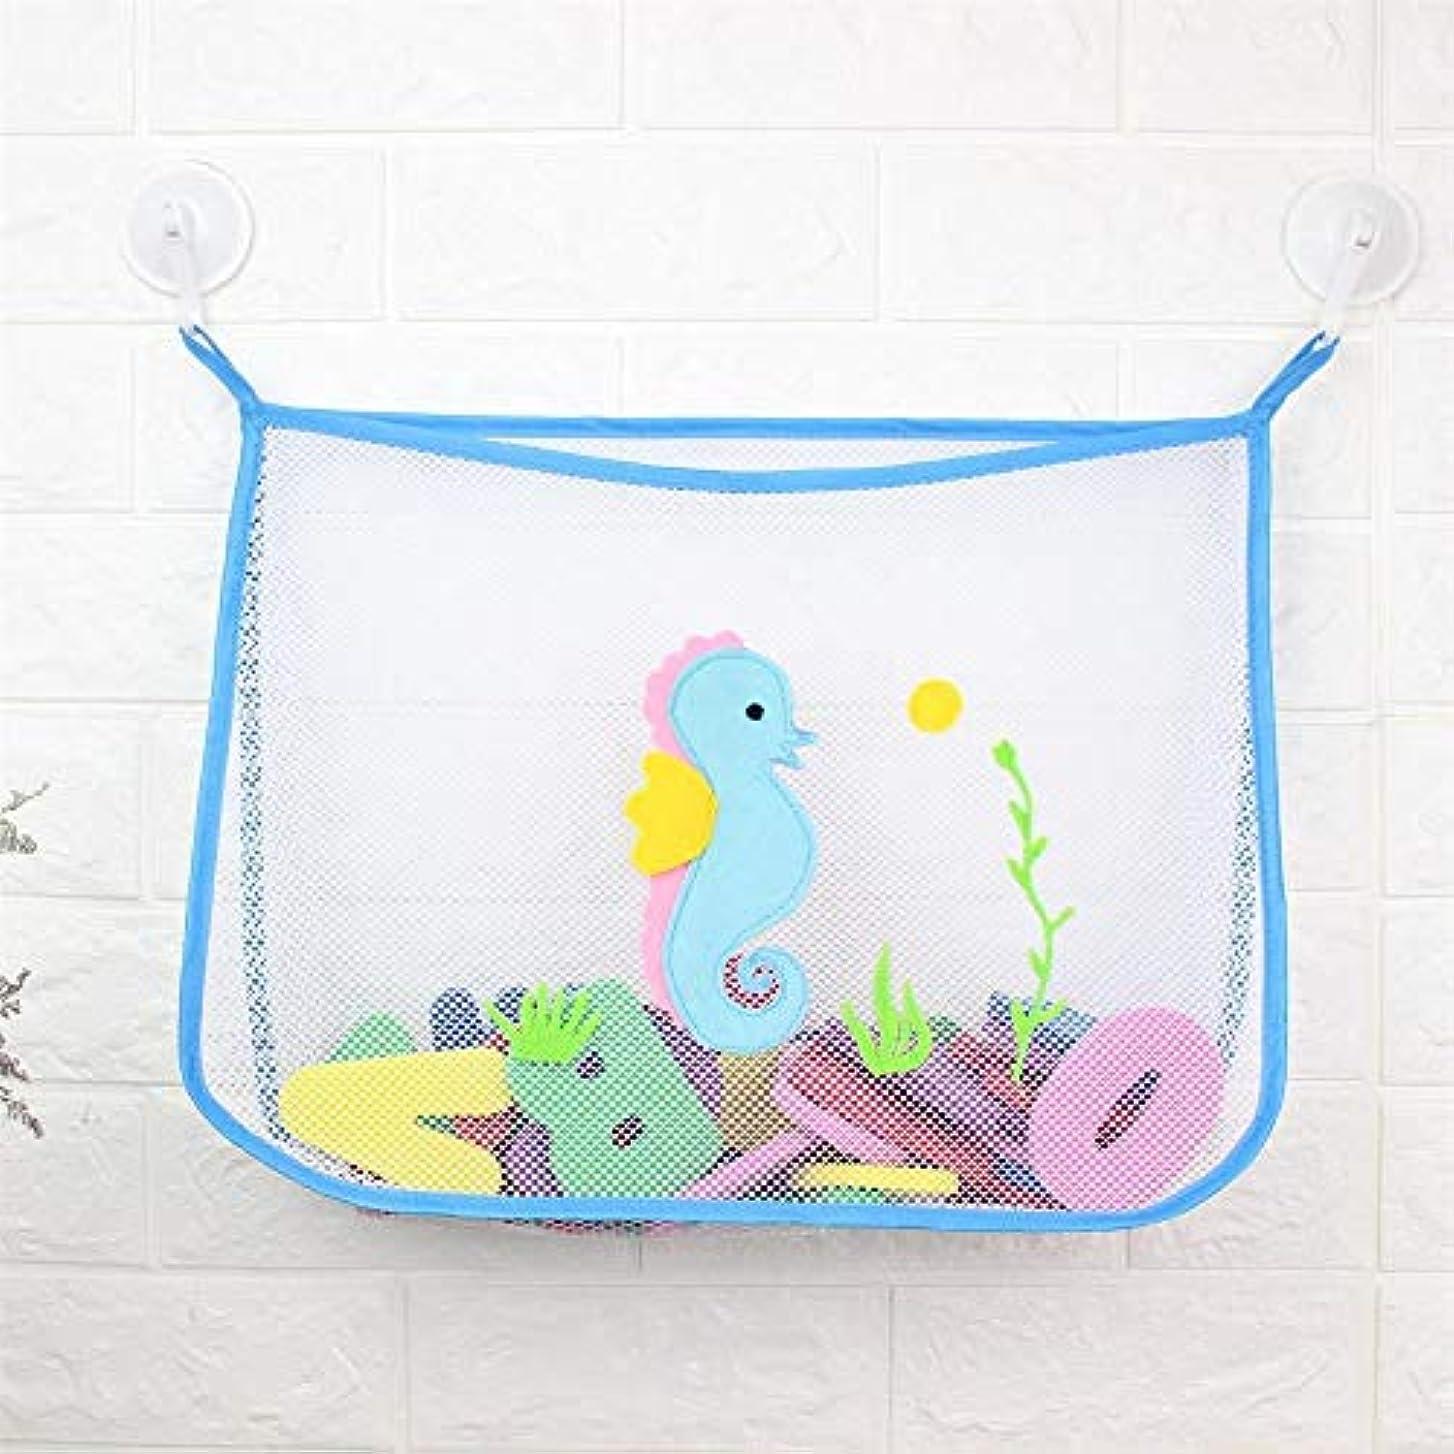 分数苦しみ土曜日ベビーシャワー風呂のおもちゃ小さなアヒル小さなカエルの赤ちゃん子供のおもちゃ収納メッシュで強い吸盤玩具バッグネット浴室オーガナイザー (青)